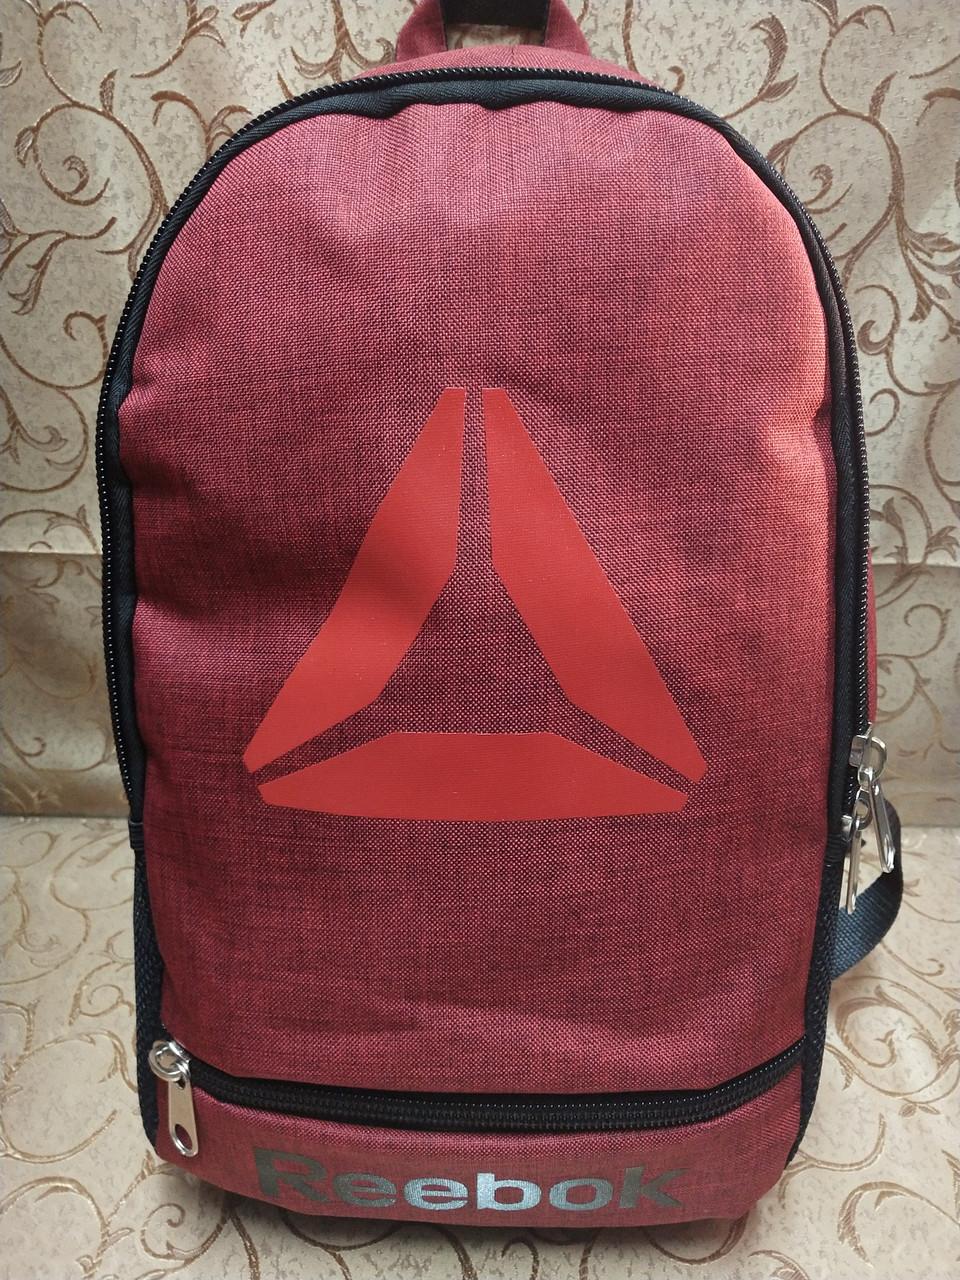 (44*30-большое)Рюкзак спортивный reebok Мессенджер спорт городской стильный Школьный рюкзак только опт